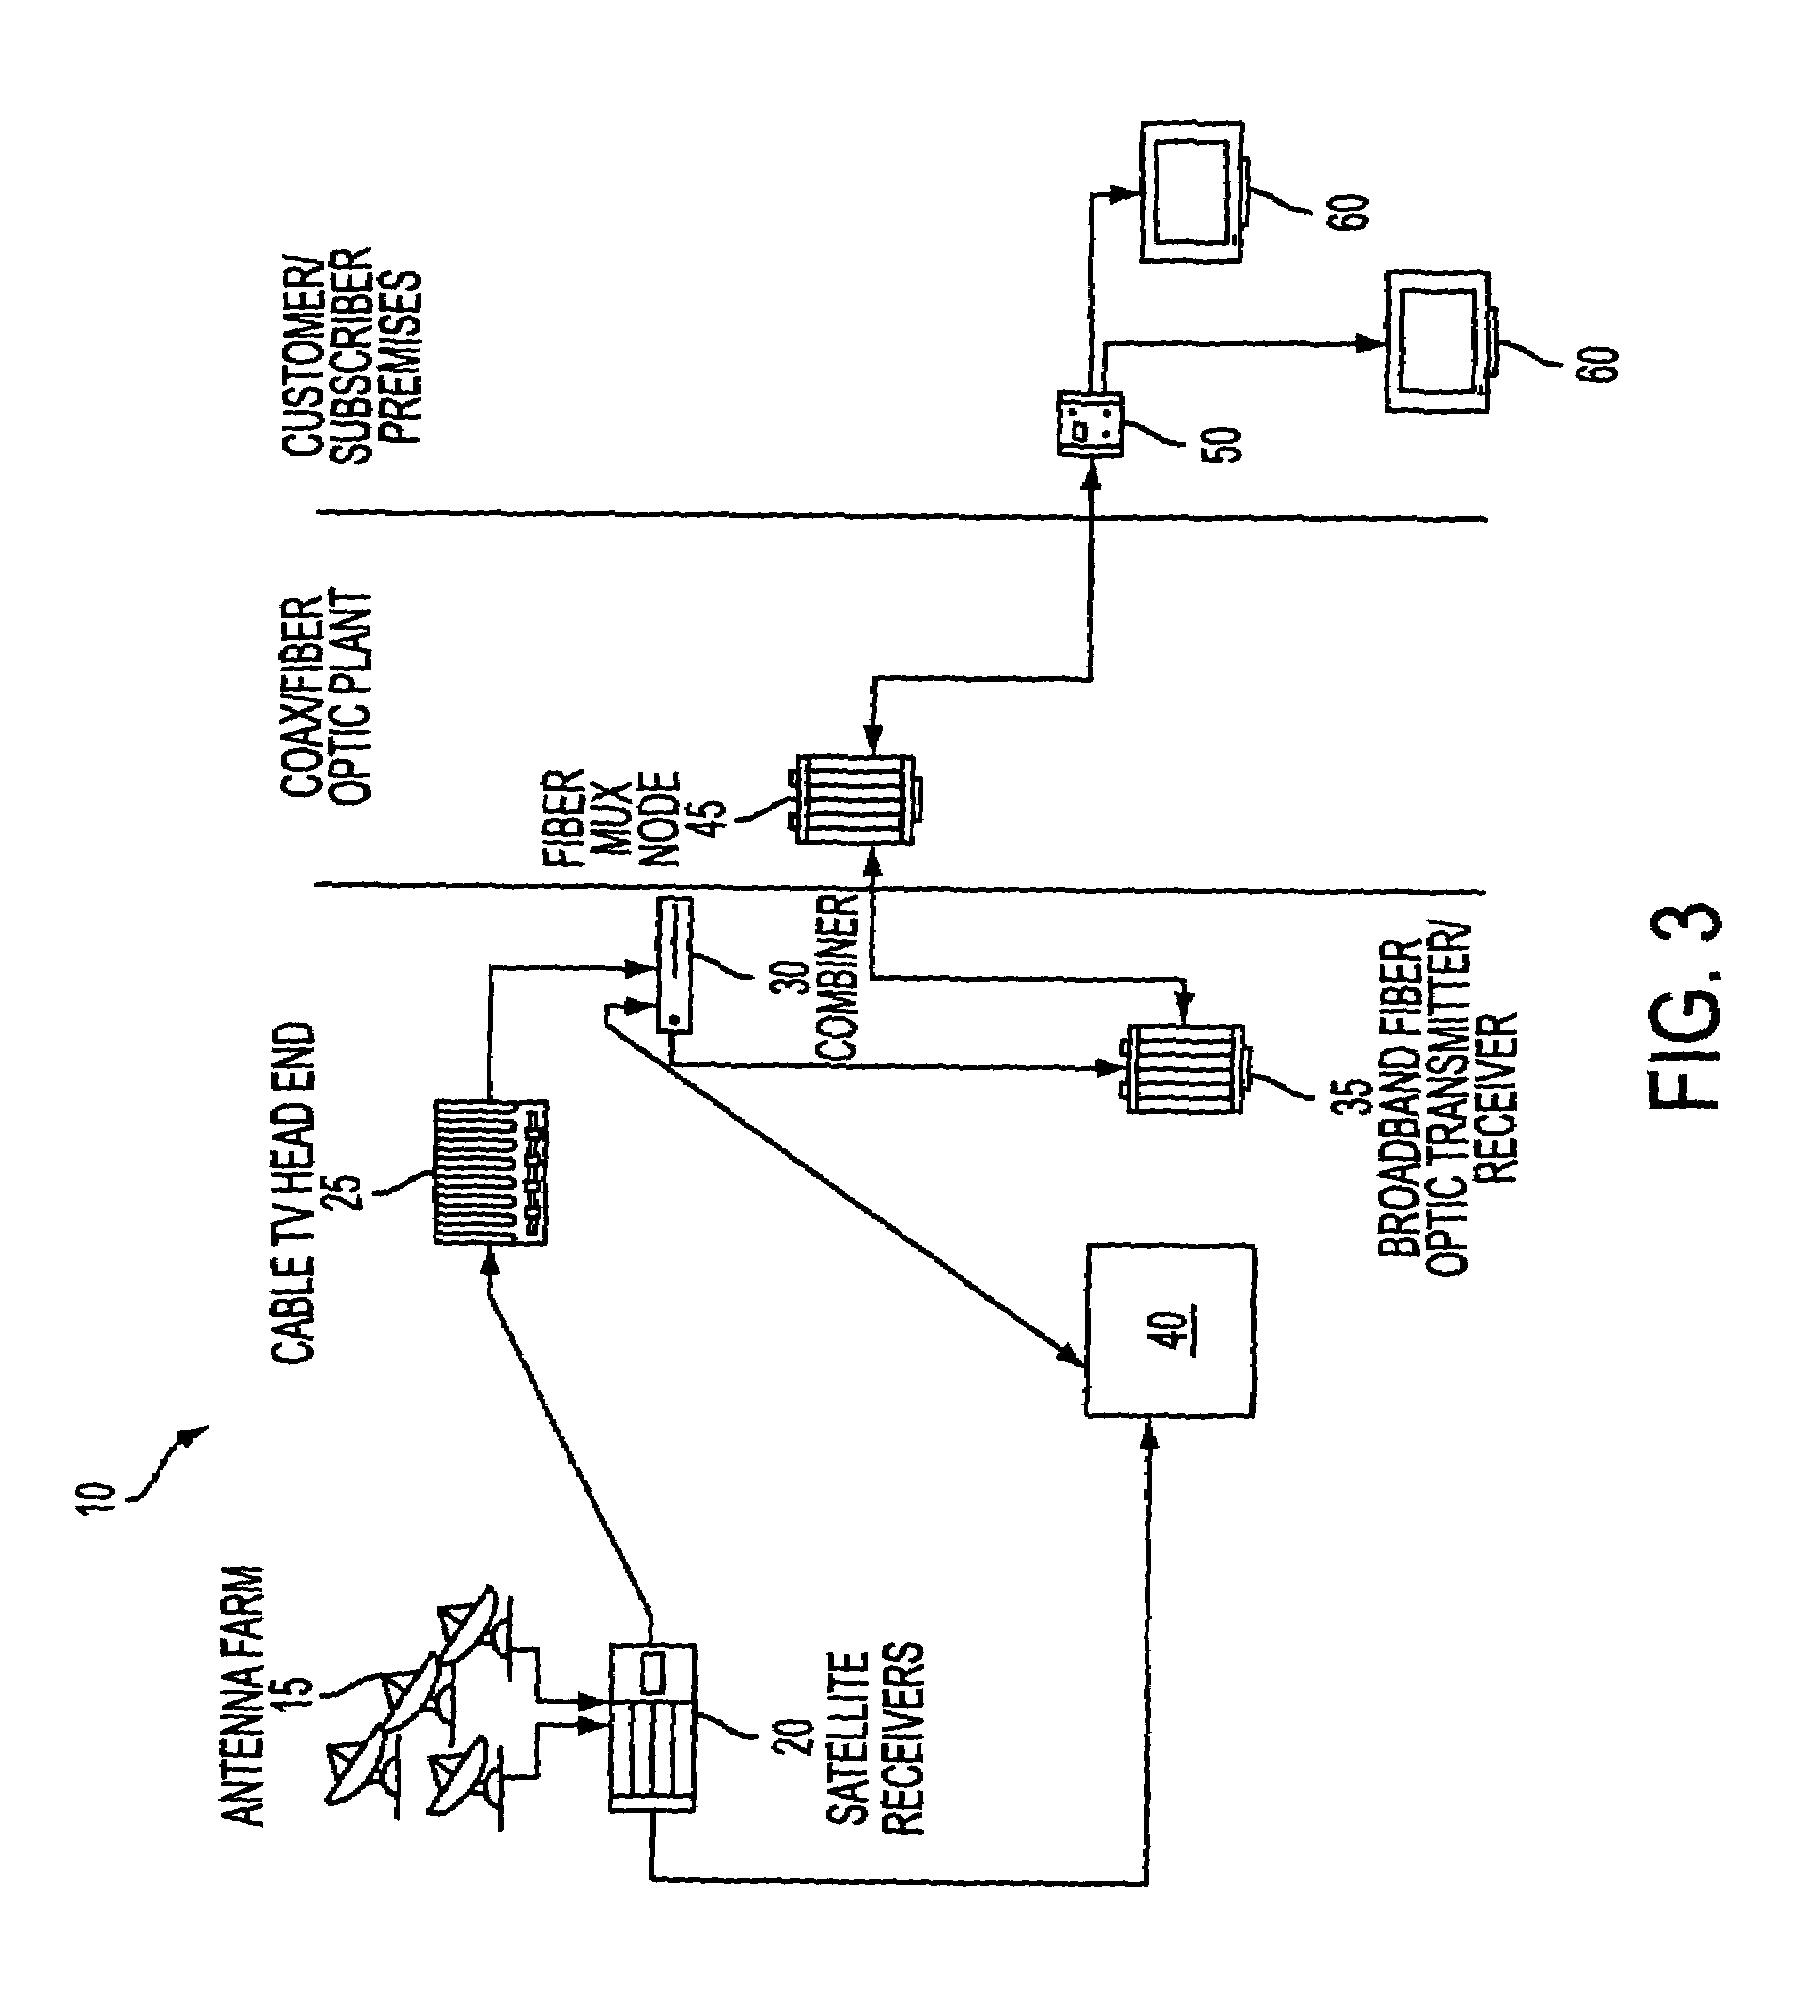 brevetto us7027483